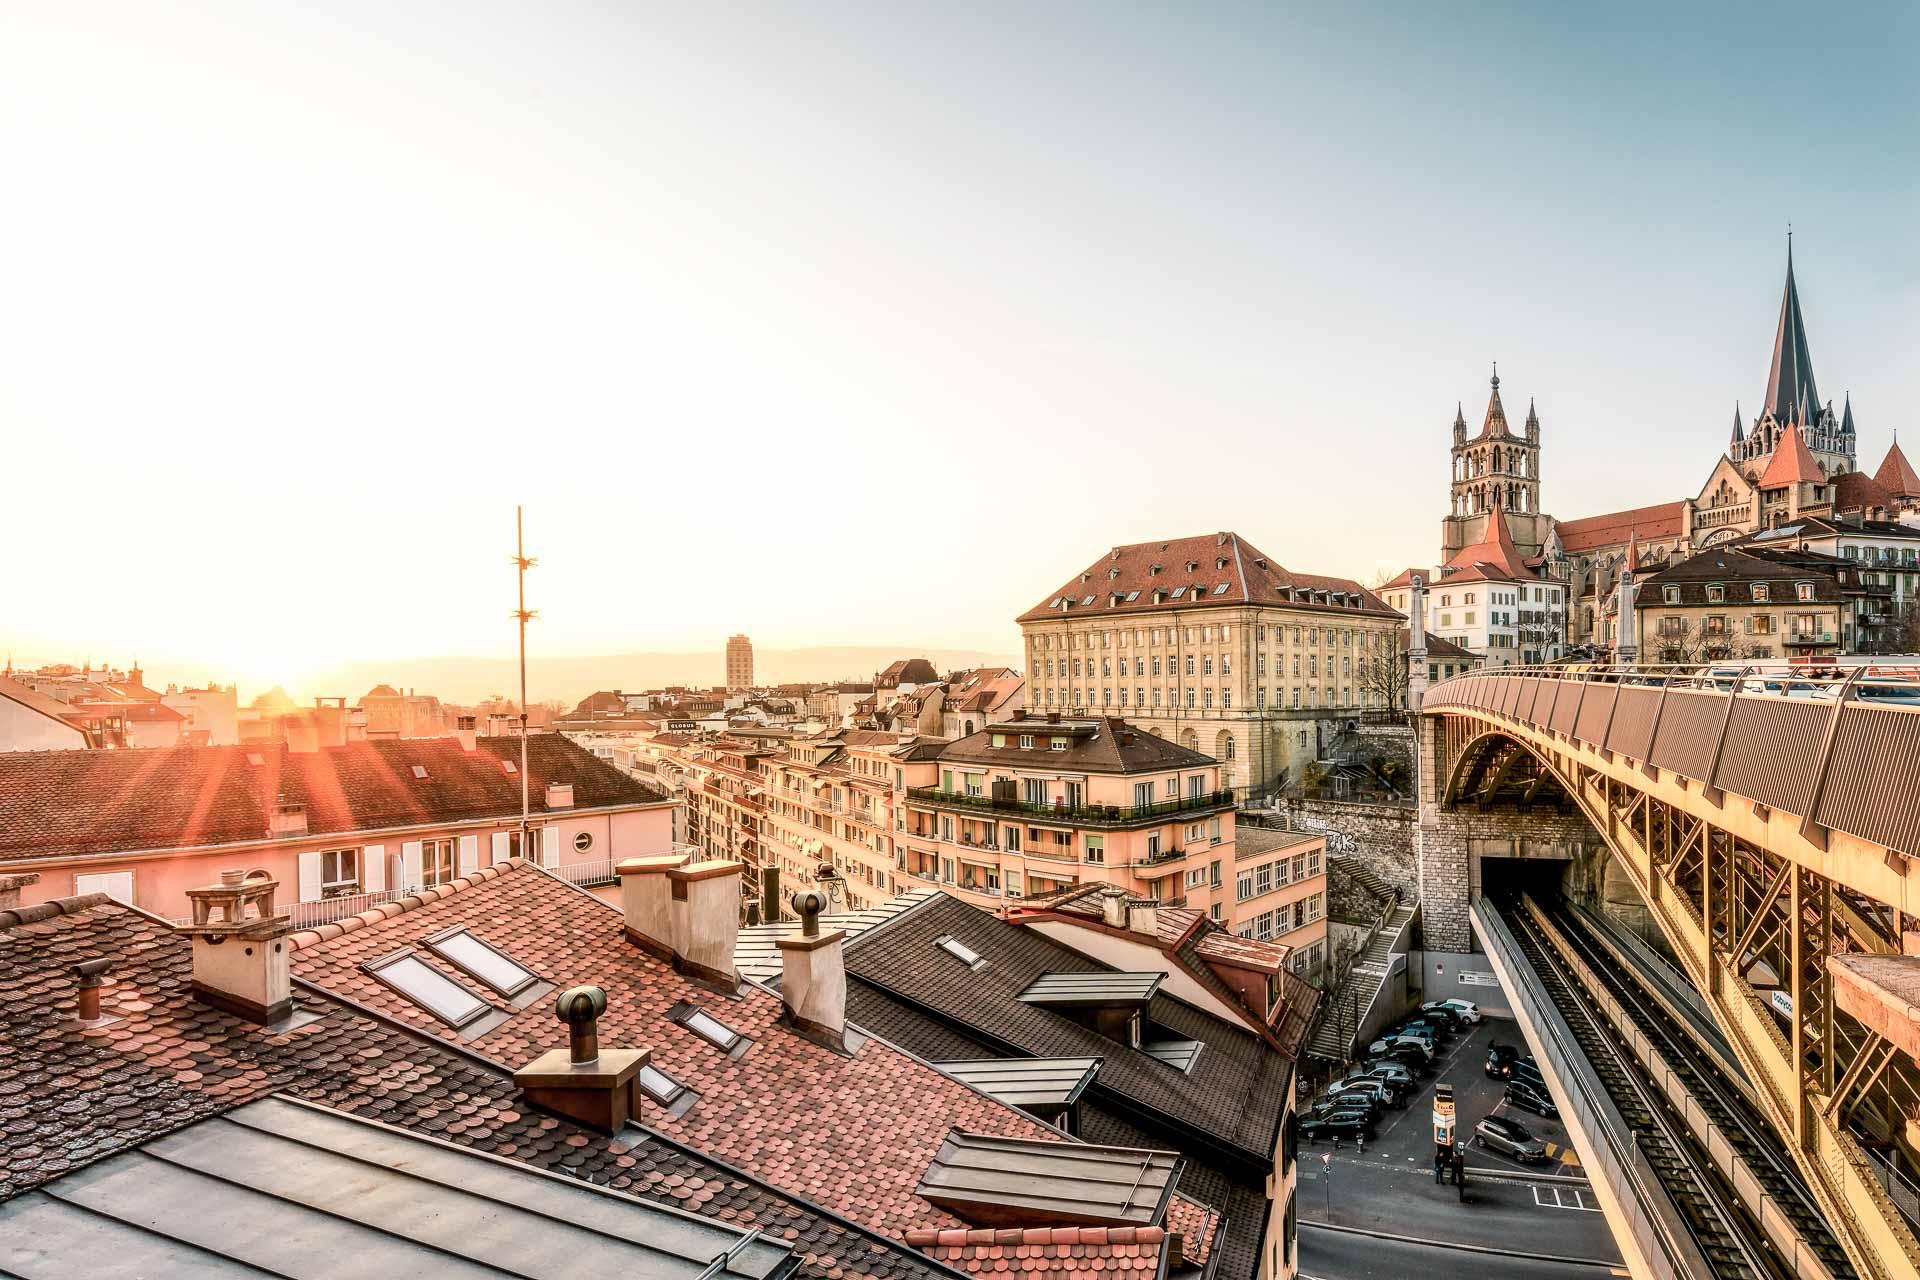 Sur les rives du lac Léman, Lausanne attire par l'étonnante vitalité de son offre culturelle, s'imposant désormais comme une destination incontournable de la scène arty européenne, à seulement 3h40 de Paris en train. Voici nos meilleures adresses pour un weekend dans la — faussement — discrète ville des trois collines.